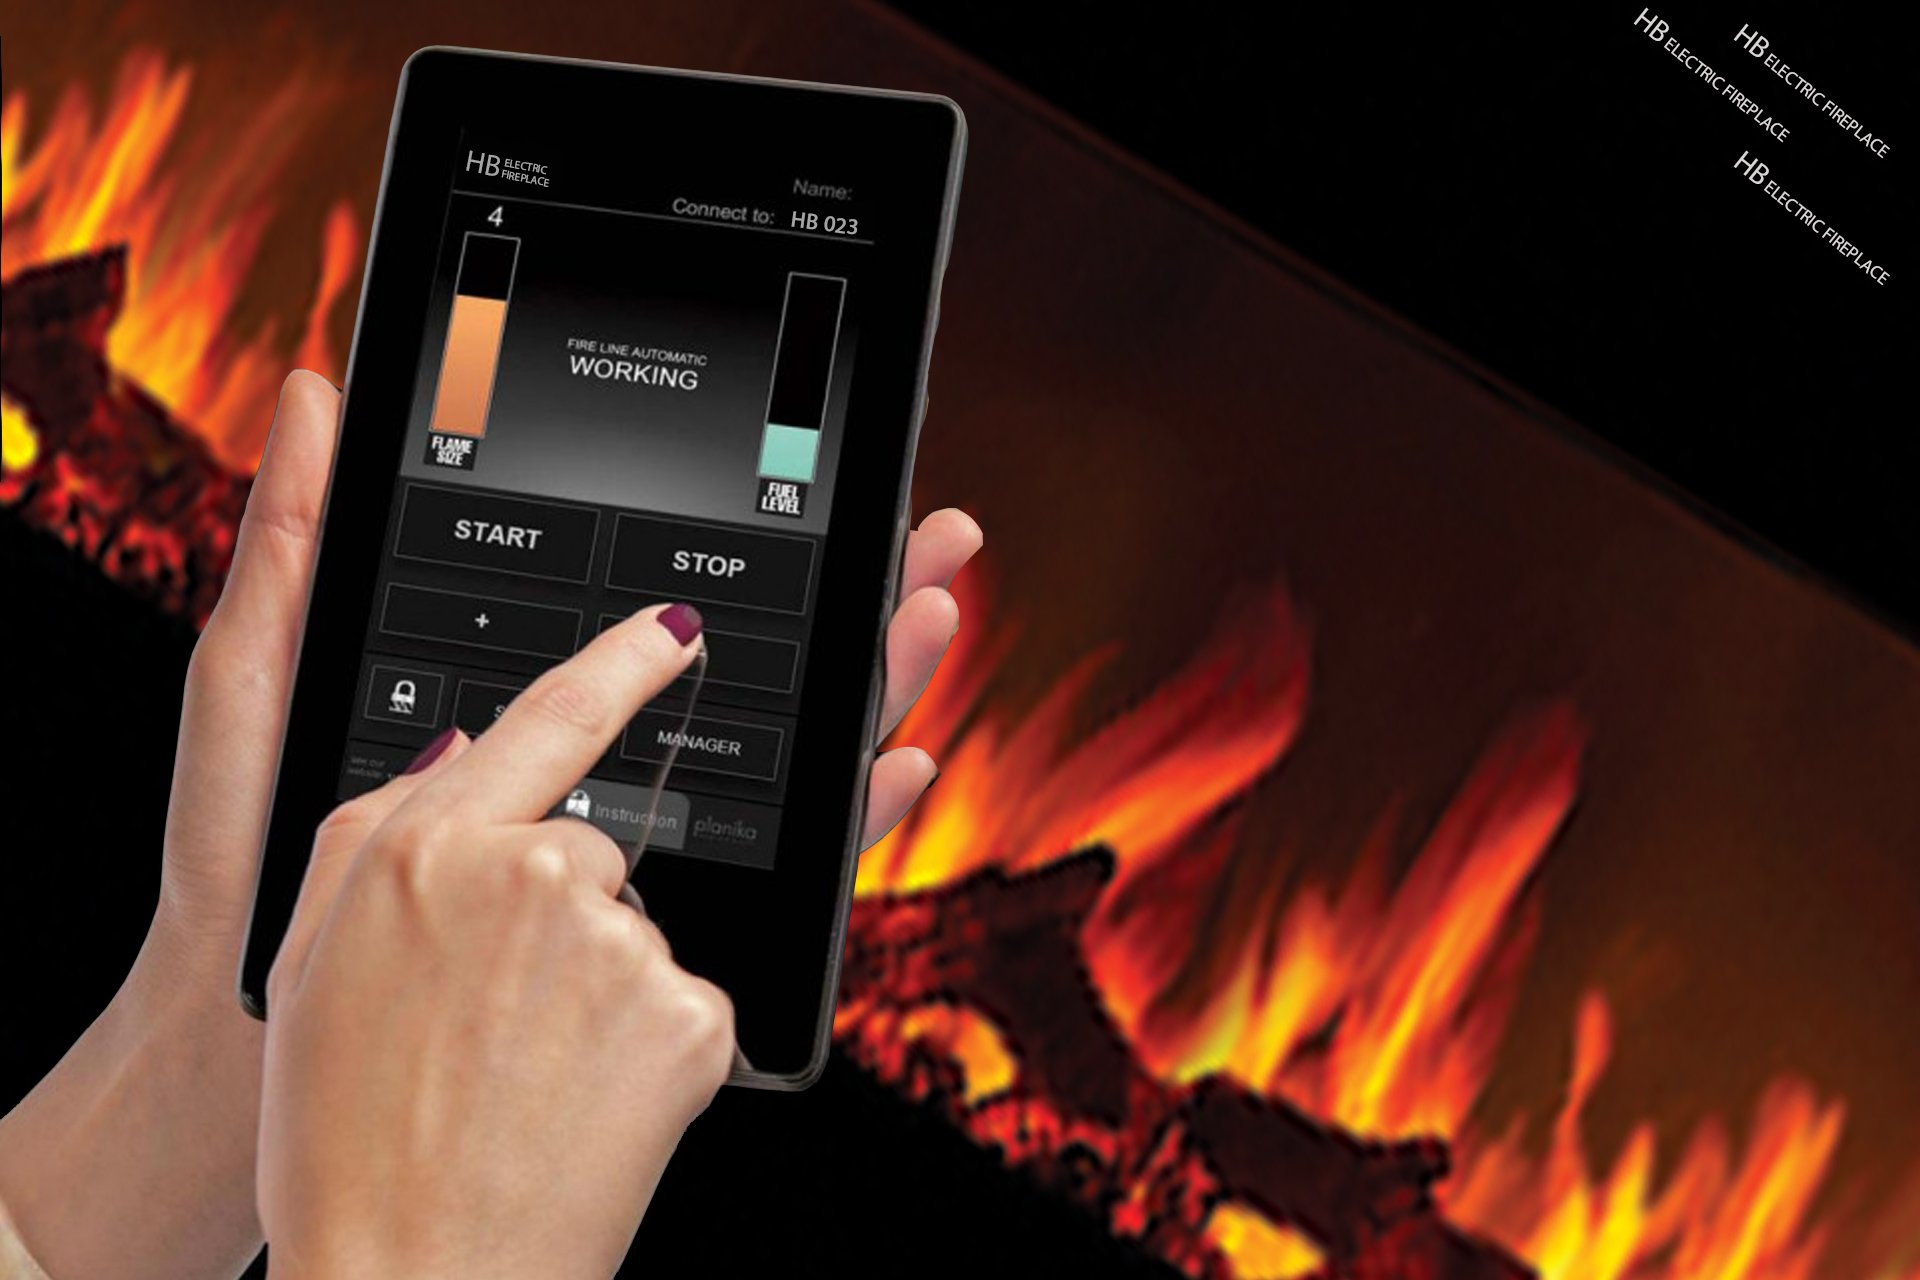 شومینه هوشمند اچ بی | شومینه برقی هوشمند | کنترل شومینه با تلفن همراه | شومینه اچ بی | شومینه | شومینه ممی پور